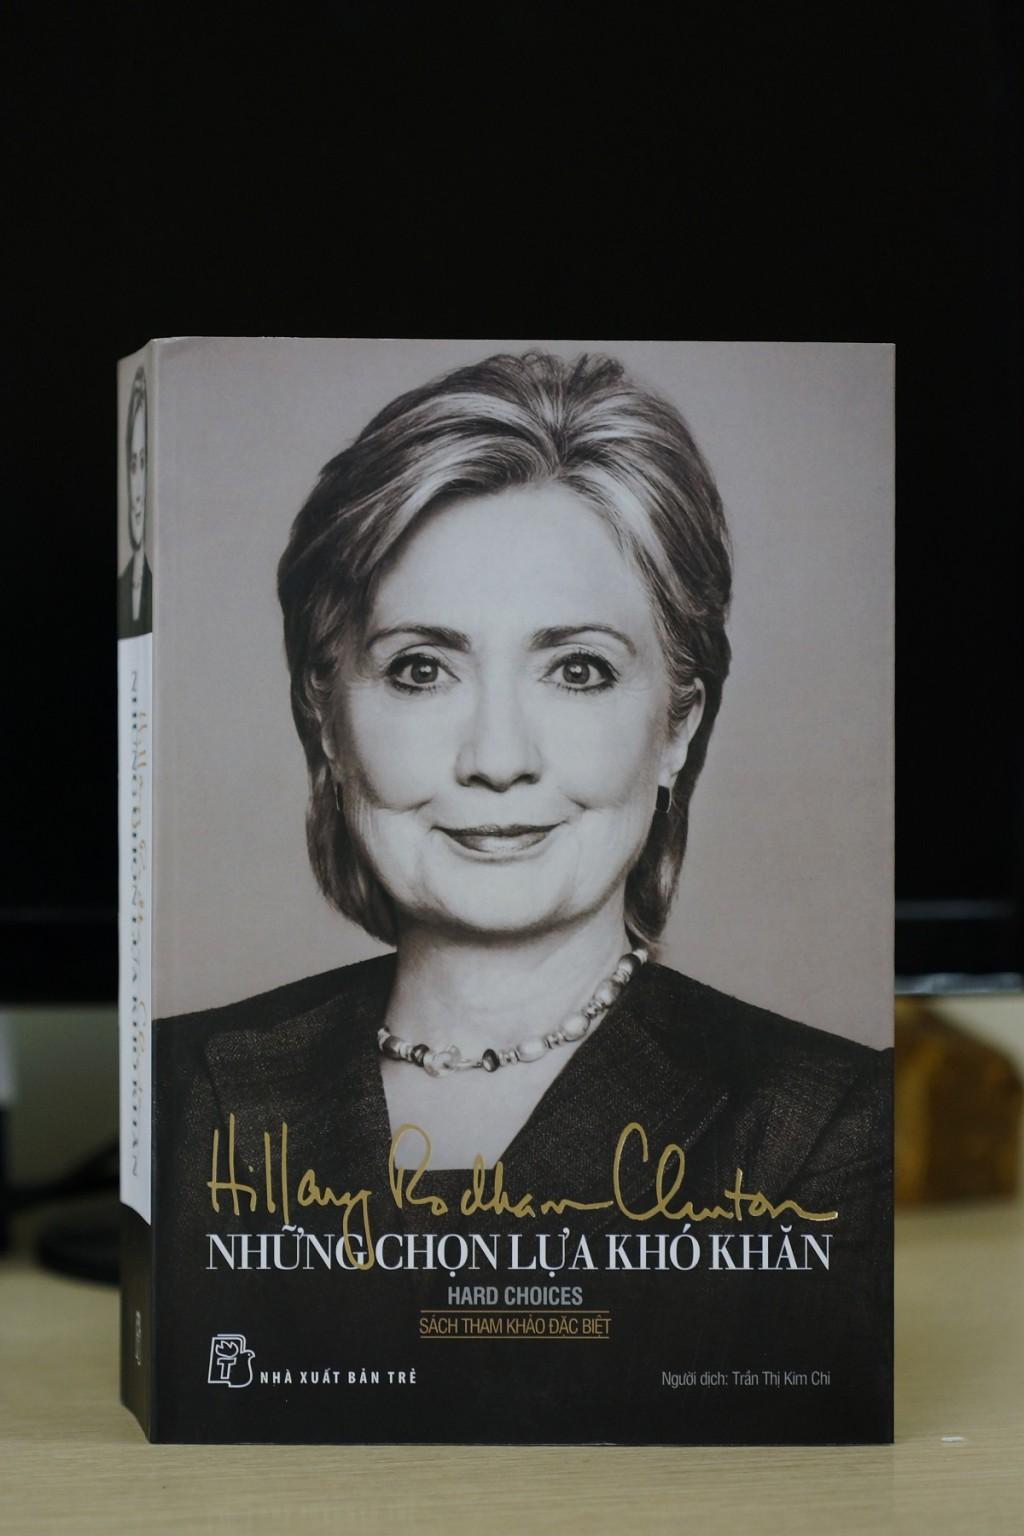 """Hillary Cliton và """"Những lựa chọn khó khăn"""""""